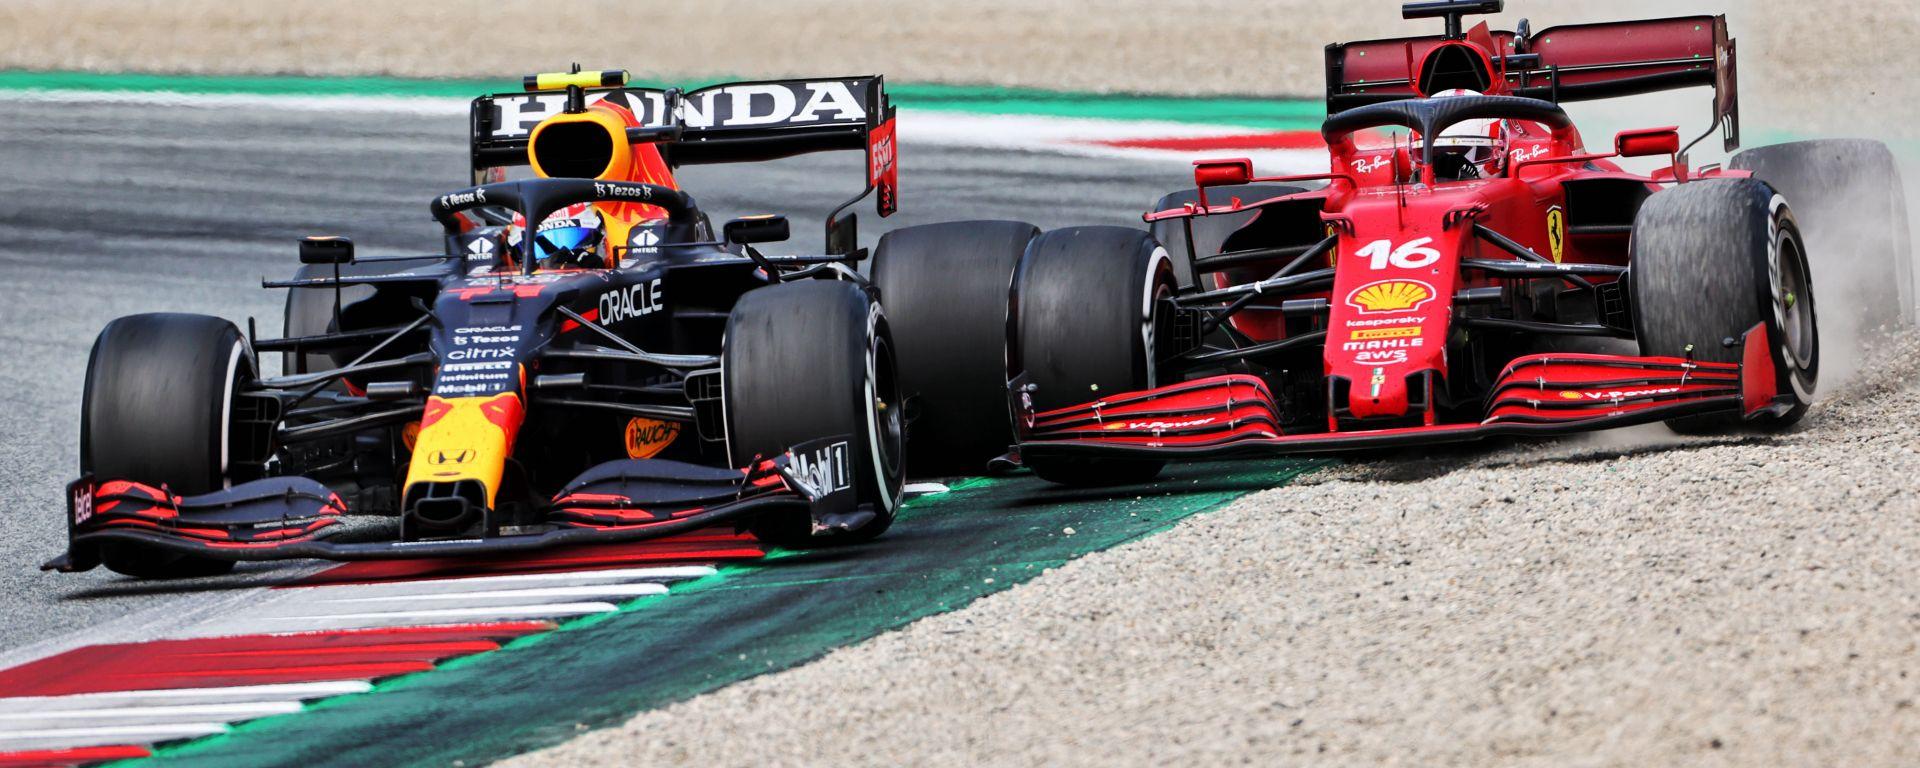 F1 GP Stiria 2021, Spielberg: Sergio Perez (Red Bull) in lotta con Charles Leclerc (Ferrari)